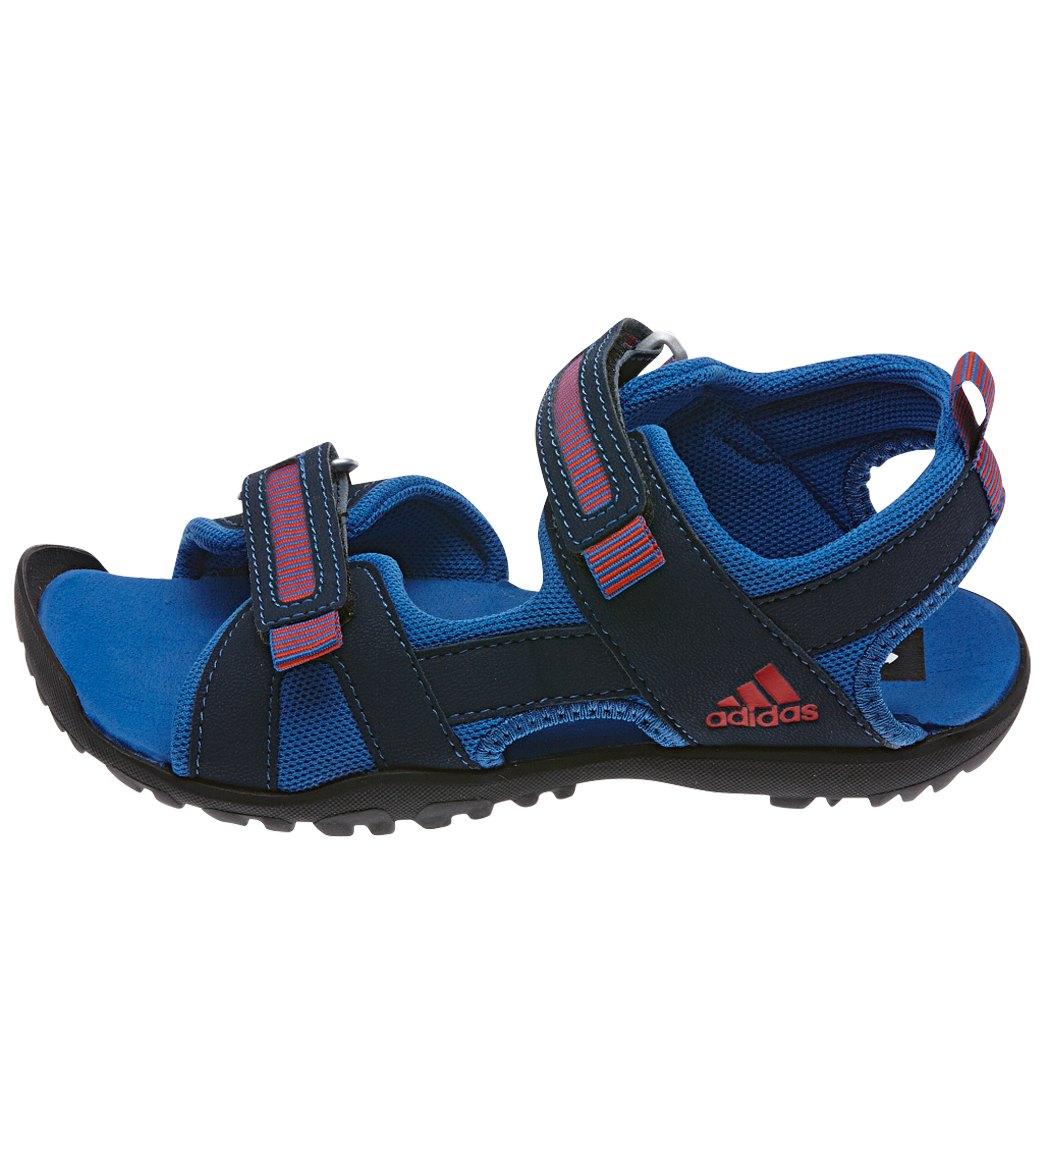 adidas figli sandplay in acqua le scarpe alla libera navigazione